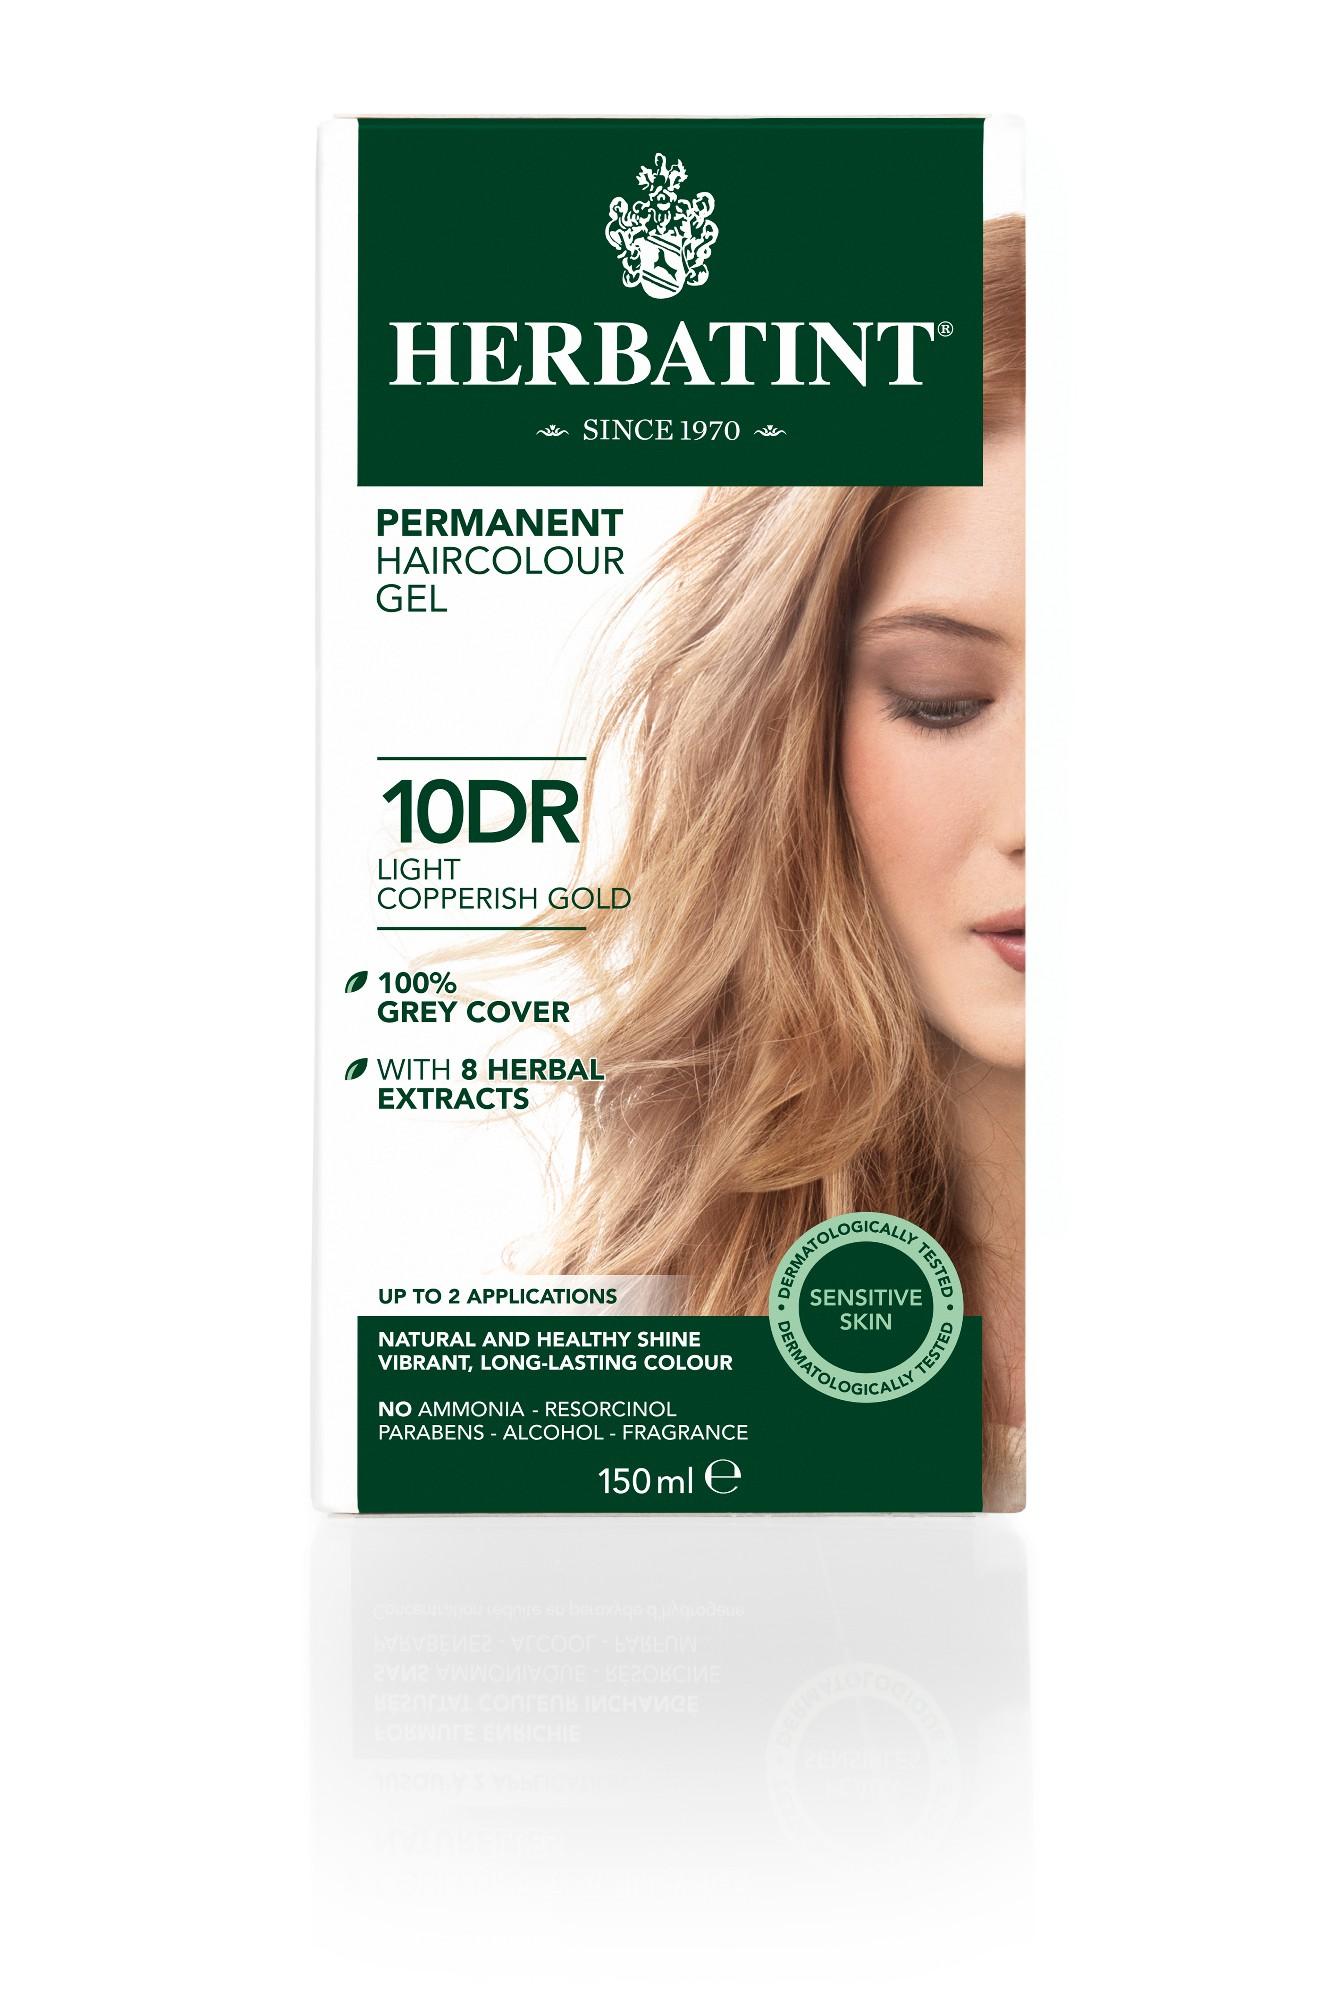 Ilgalaikiai plaukų dažai HERBATINT 10DR šviesaus aukso su vario atspalviu, 150 ml